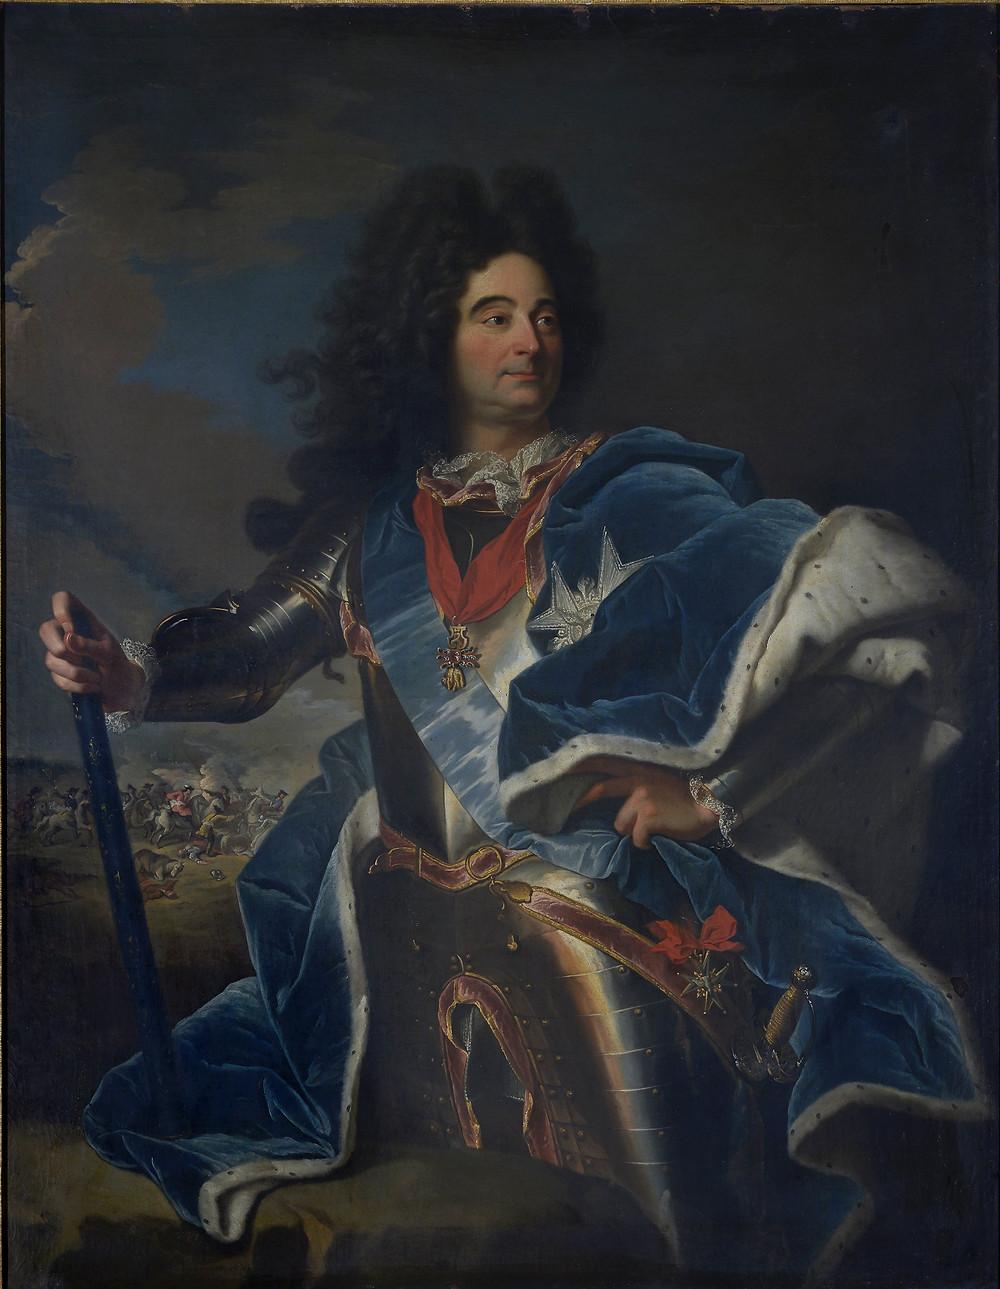 Atelier de Hyacinthe Rigaud, Portrait de Claude Louis Hector, duc de Villars, après 1713, Marseille, préfecture (dépôt du musée des Beaux-Arts de Marseille)